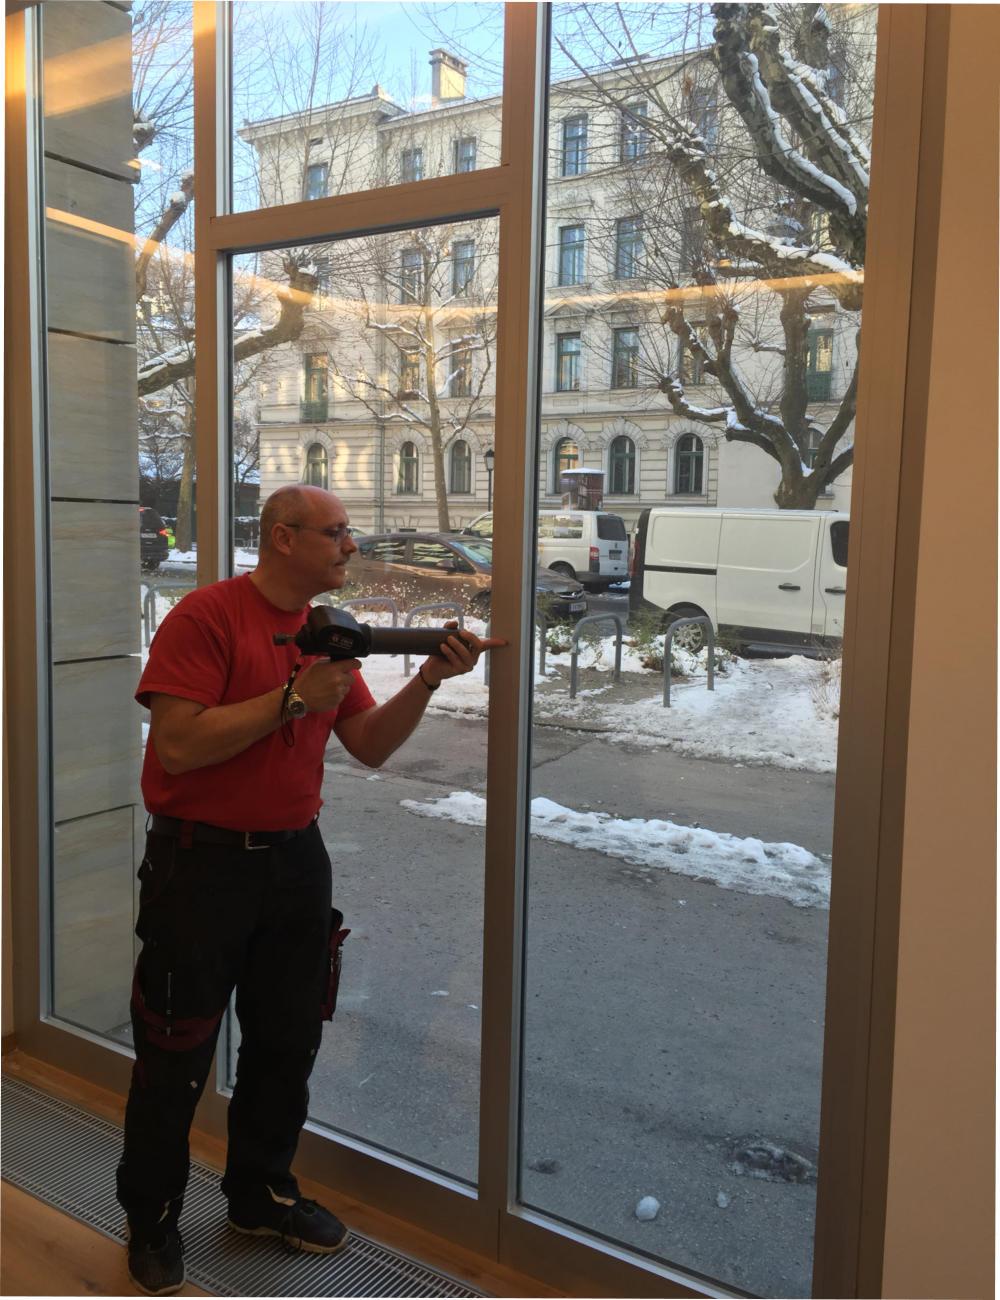 Full Size of Sicherheitsfolie Fenster Sicherheitsfolien Mit Rolladen Putzen Abdichten Sichtschutzfolie Einseitig Durchsichtig Sichtschutzfolien Für Rollos Salamander Fenster Sicherheitsfolie Fenster